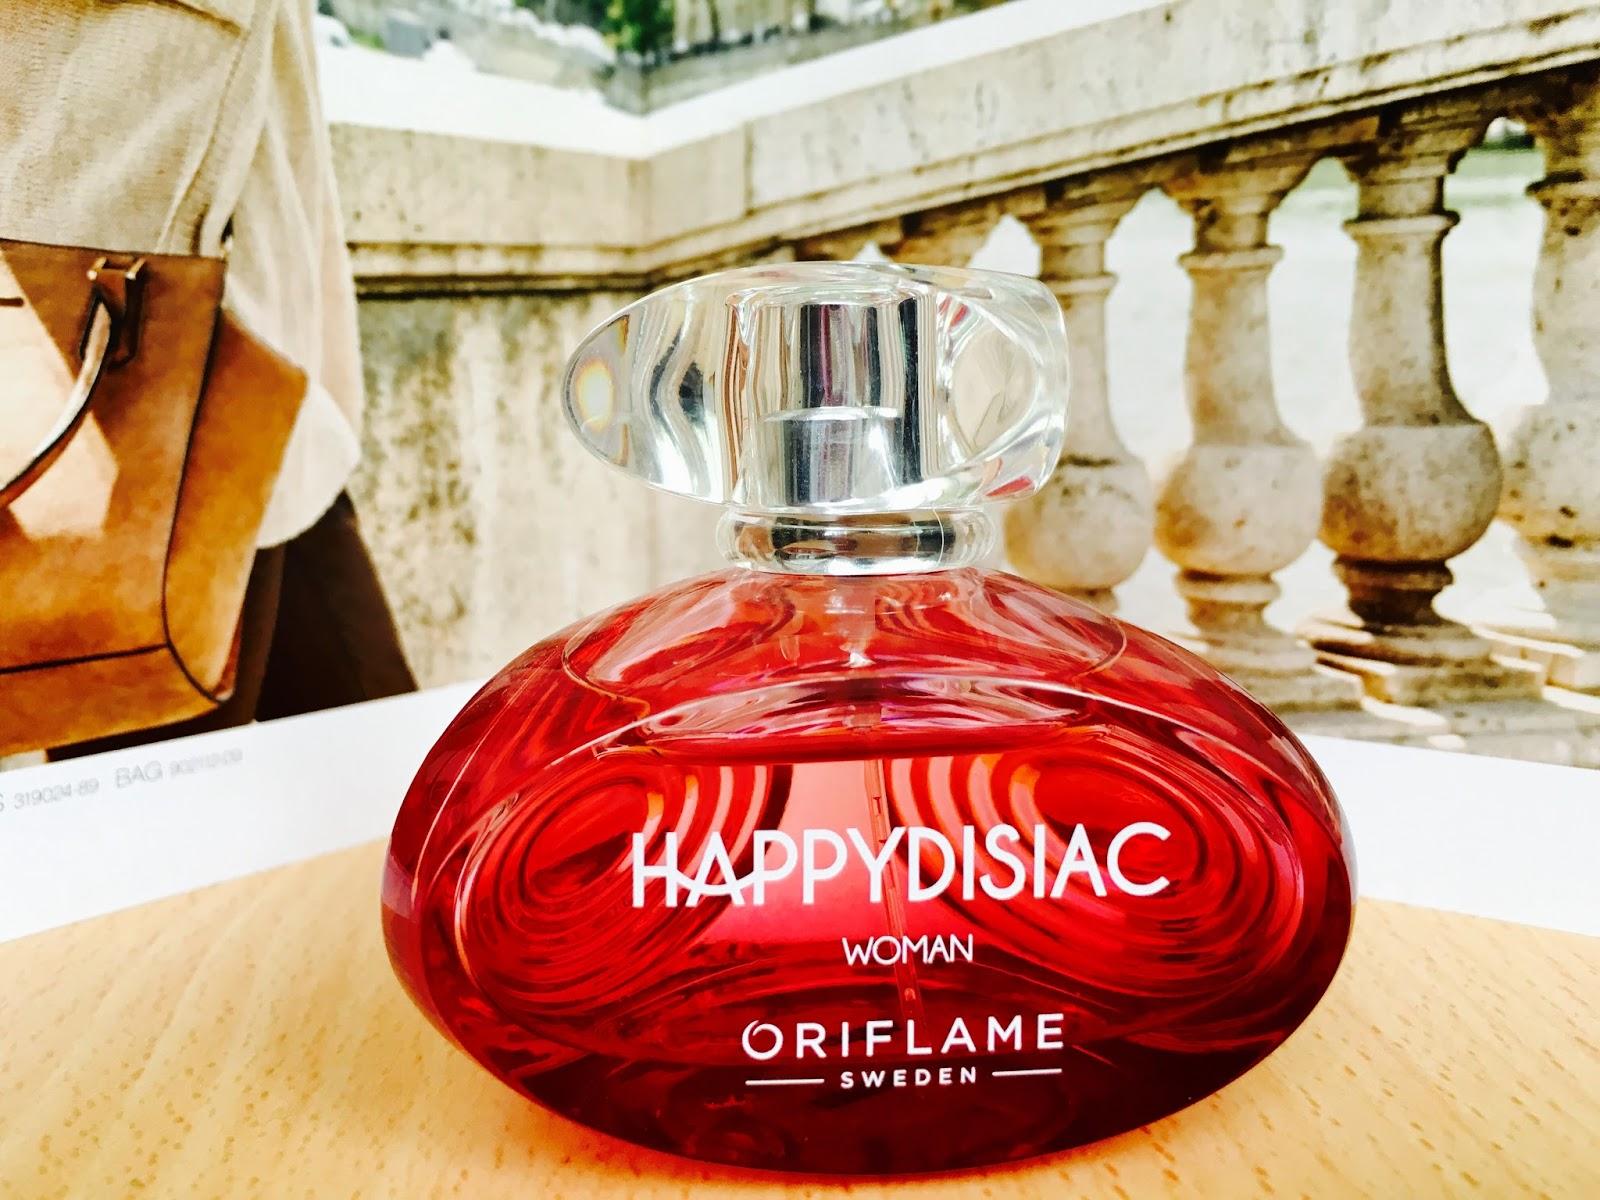 Resultado de imagen para happydisiac oriflame